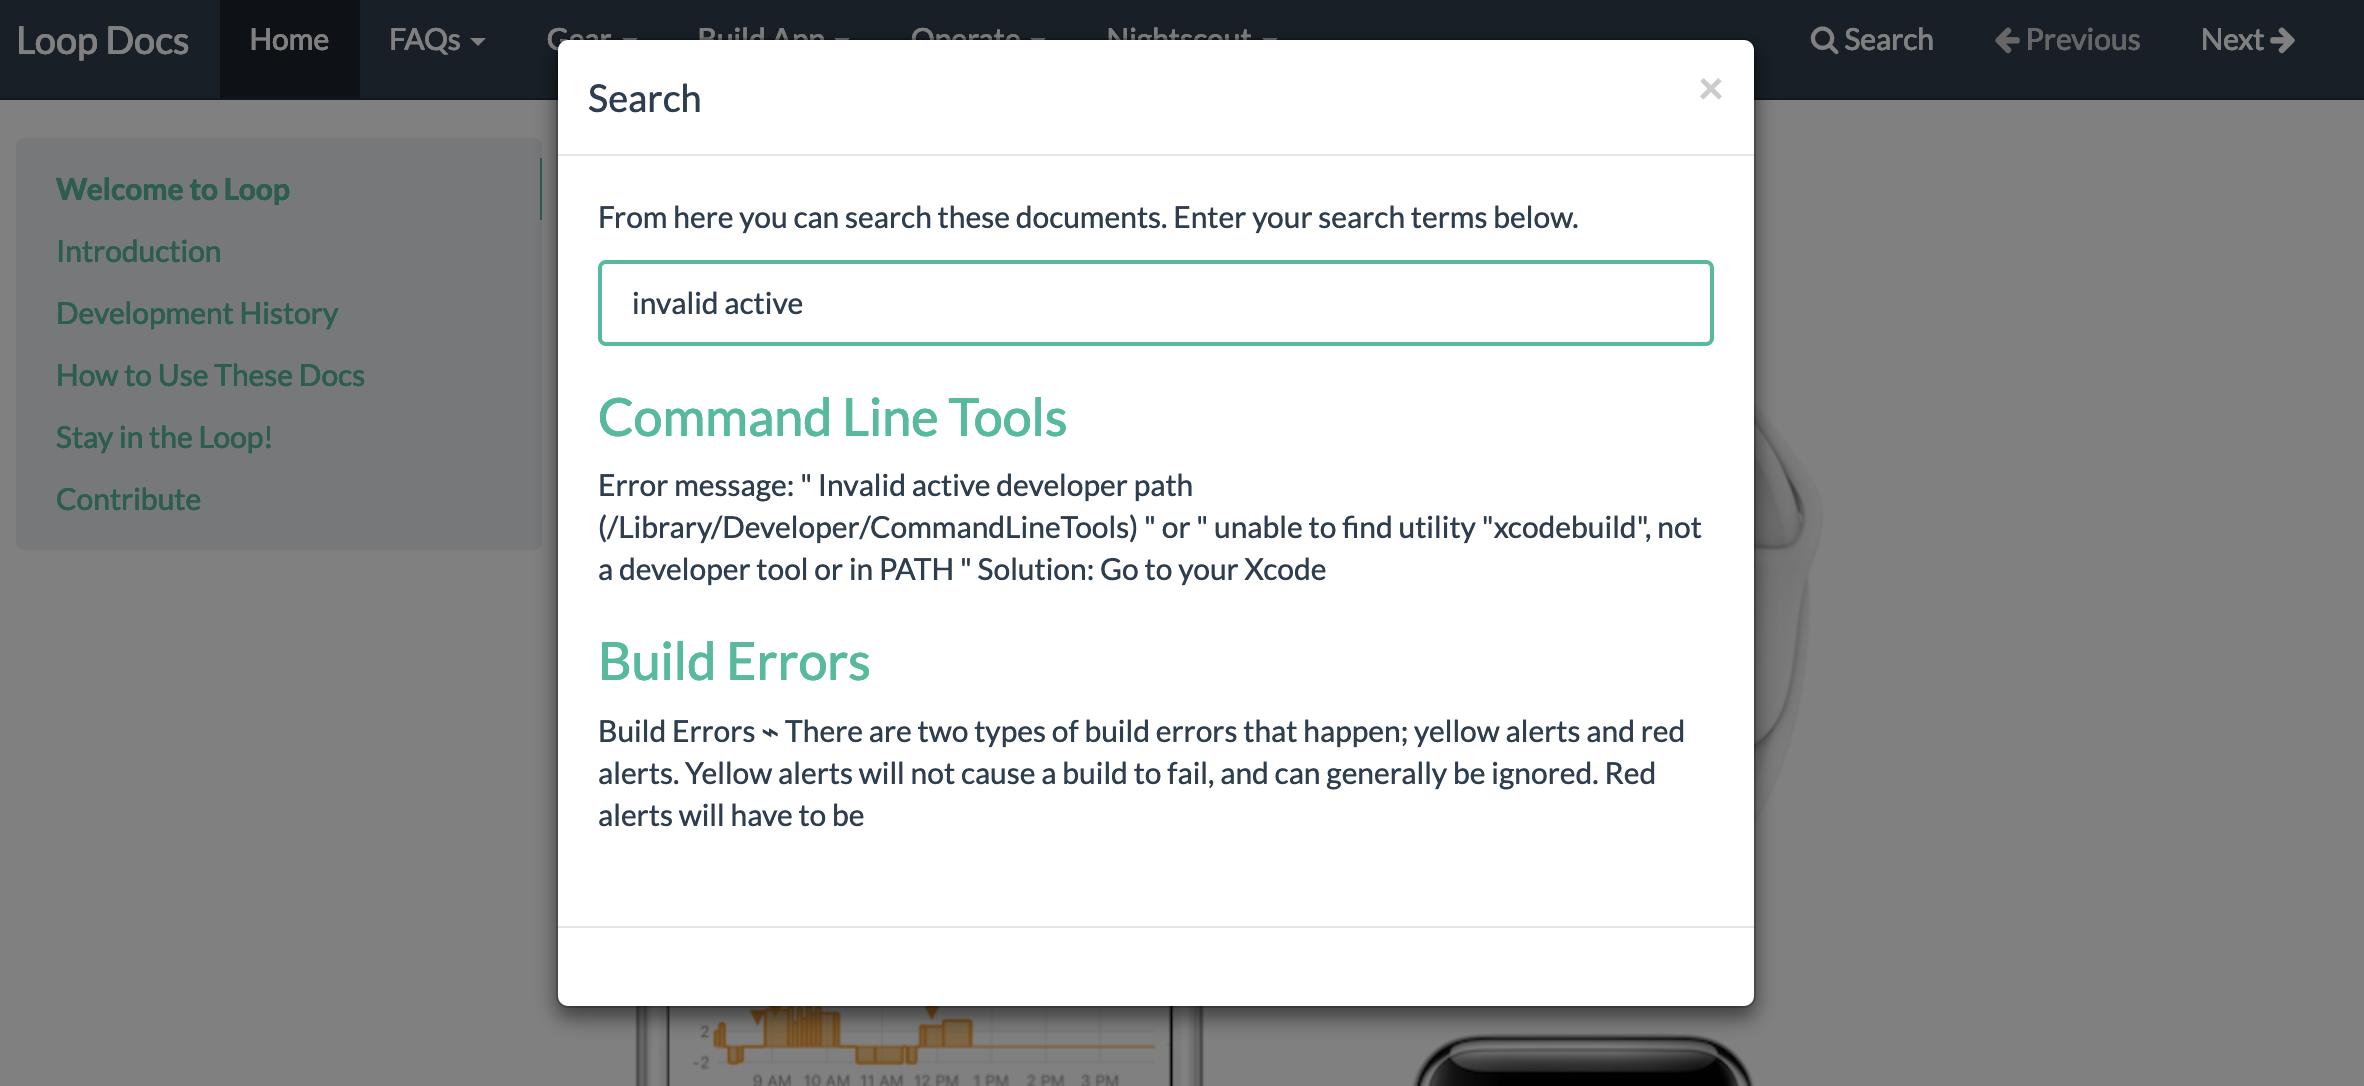 Build Errors - LoopDocs